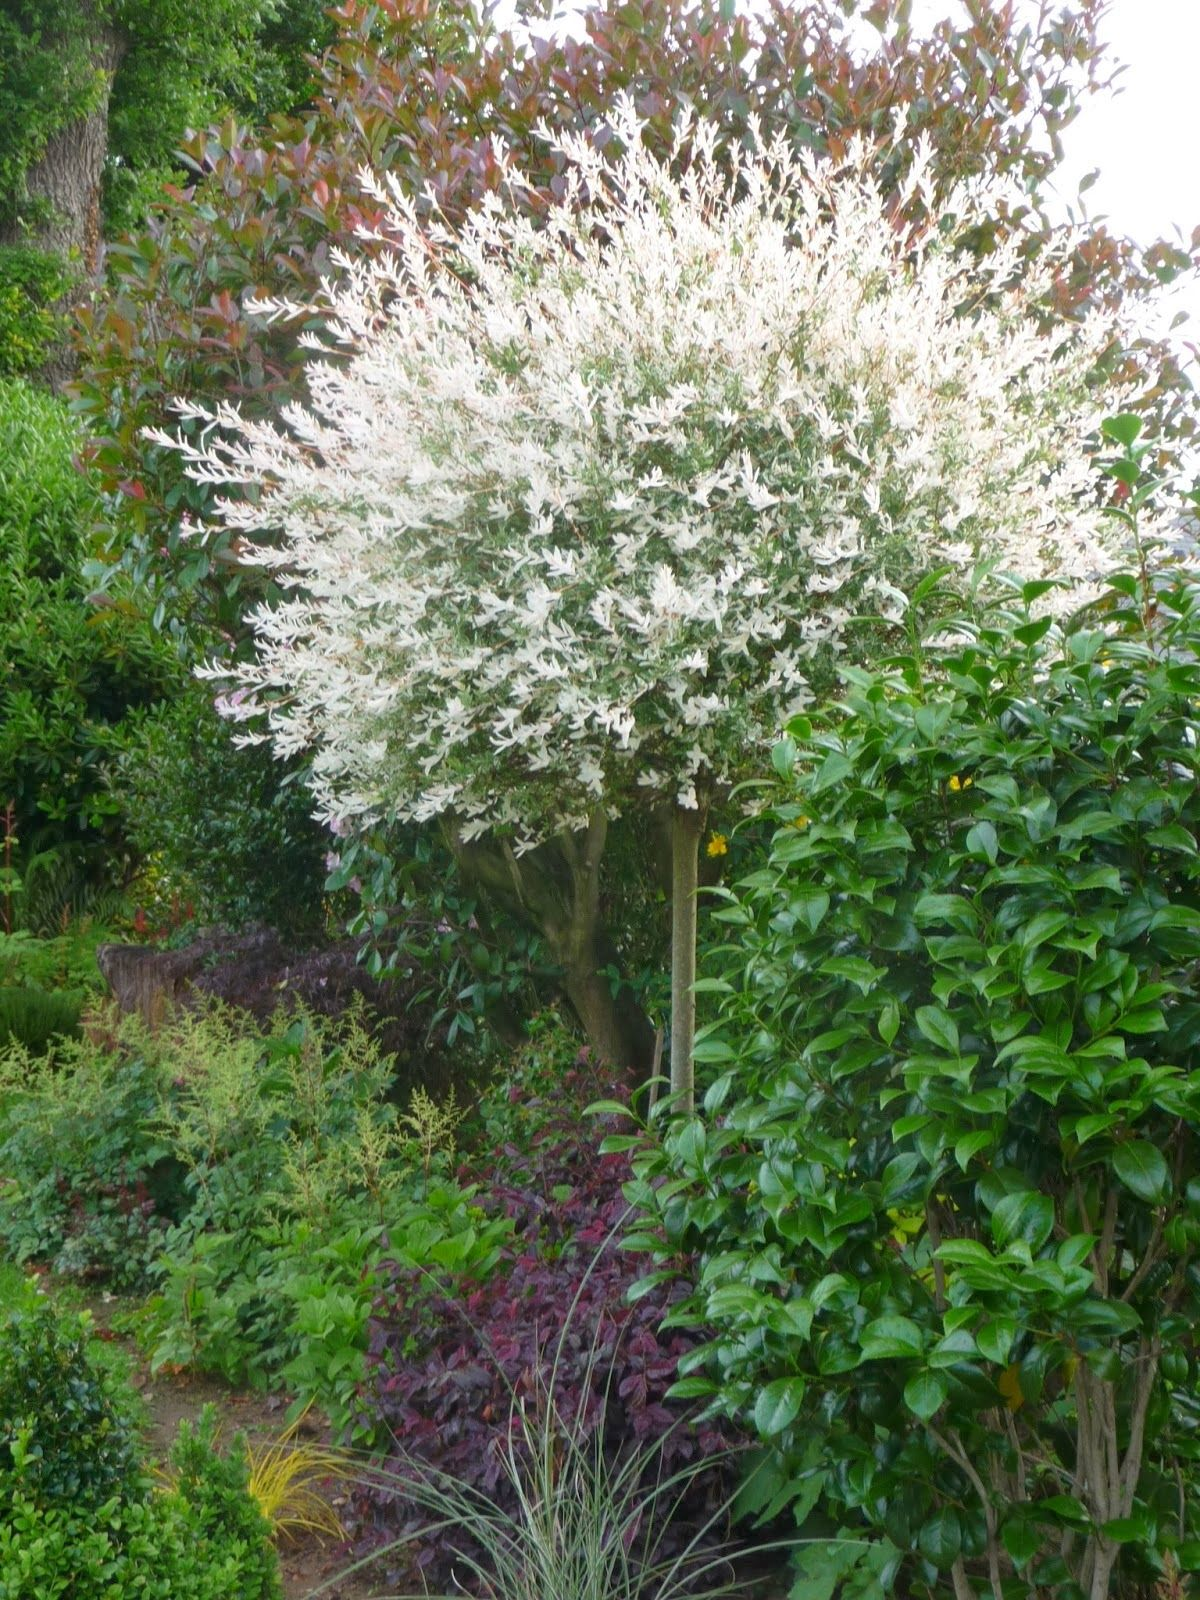 saule crevette | arbres et arbustes de mon jardin | Pinterest ...